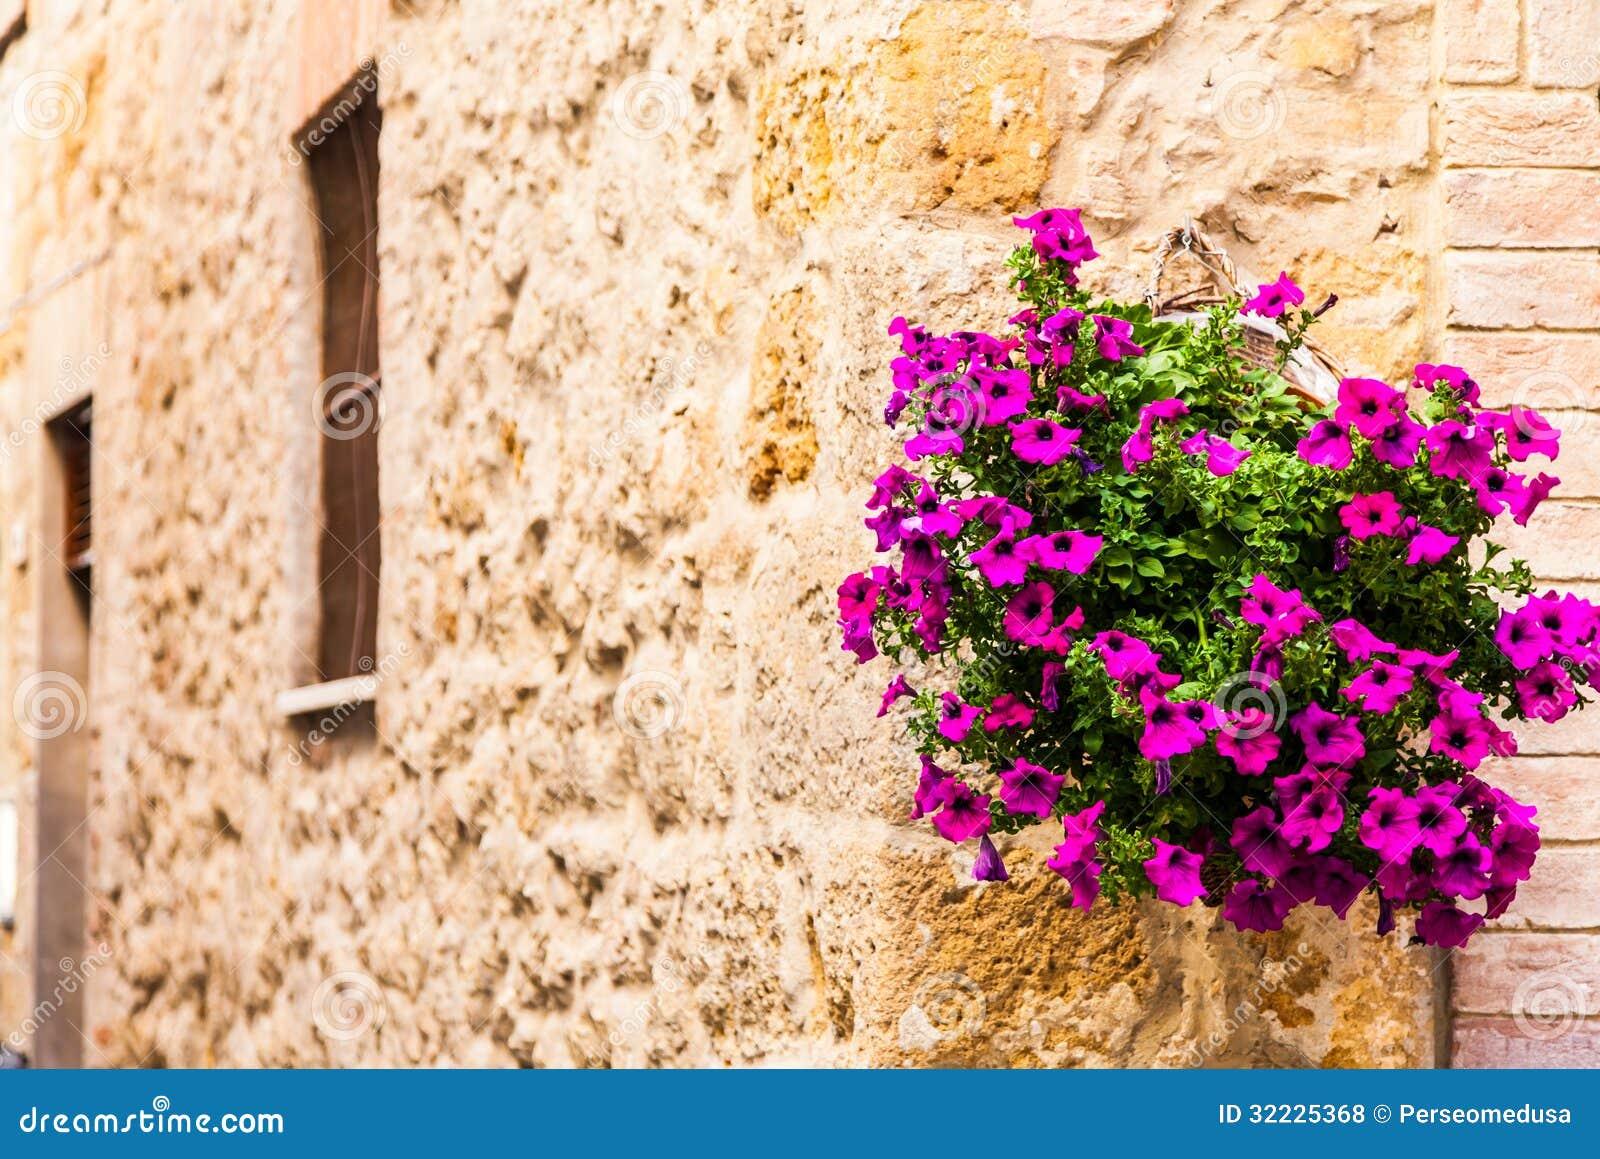 Toscaanse bloemen royalty vrije stock foto 39 s afbeelding 32225368 for Decor ingang